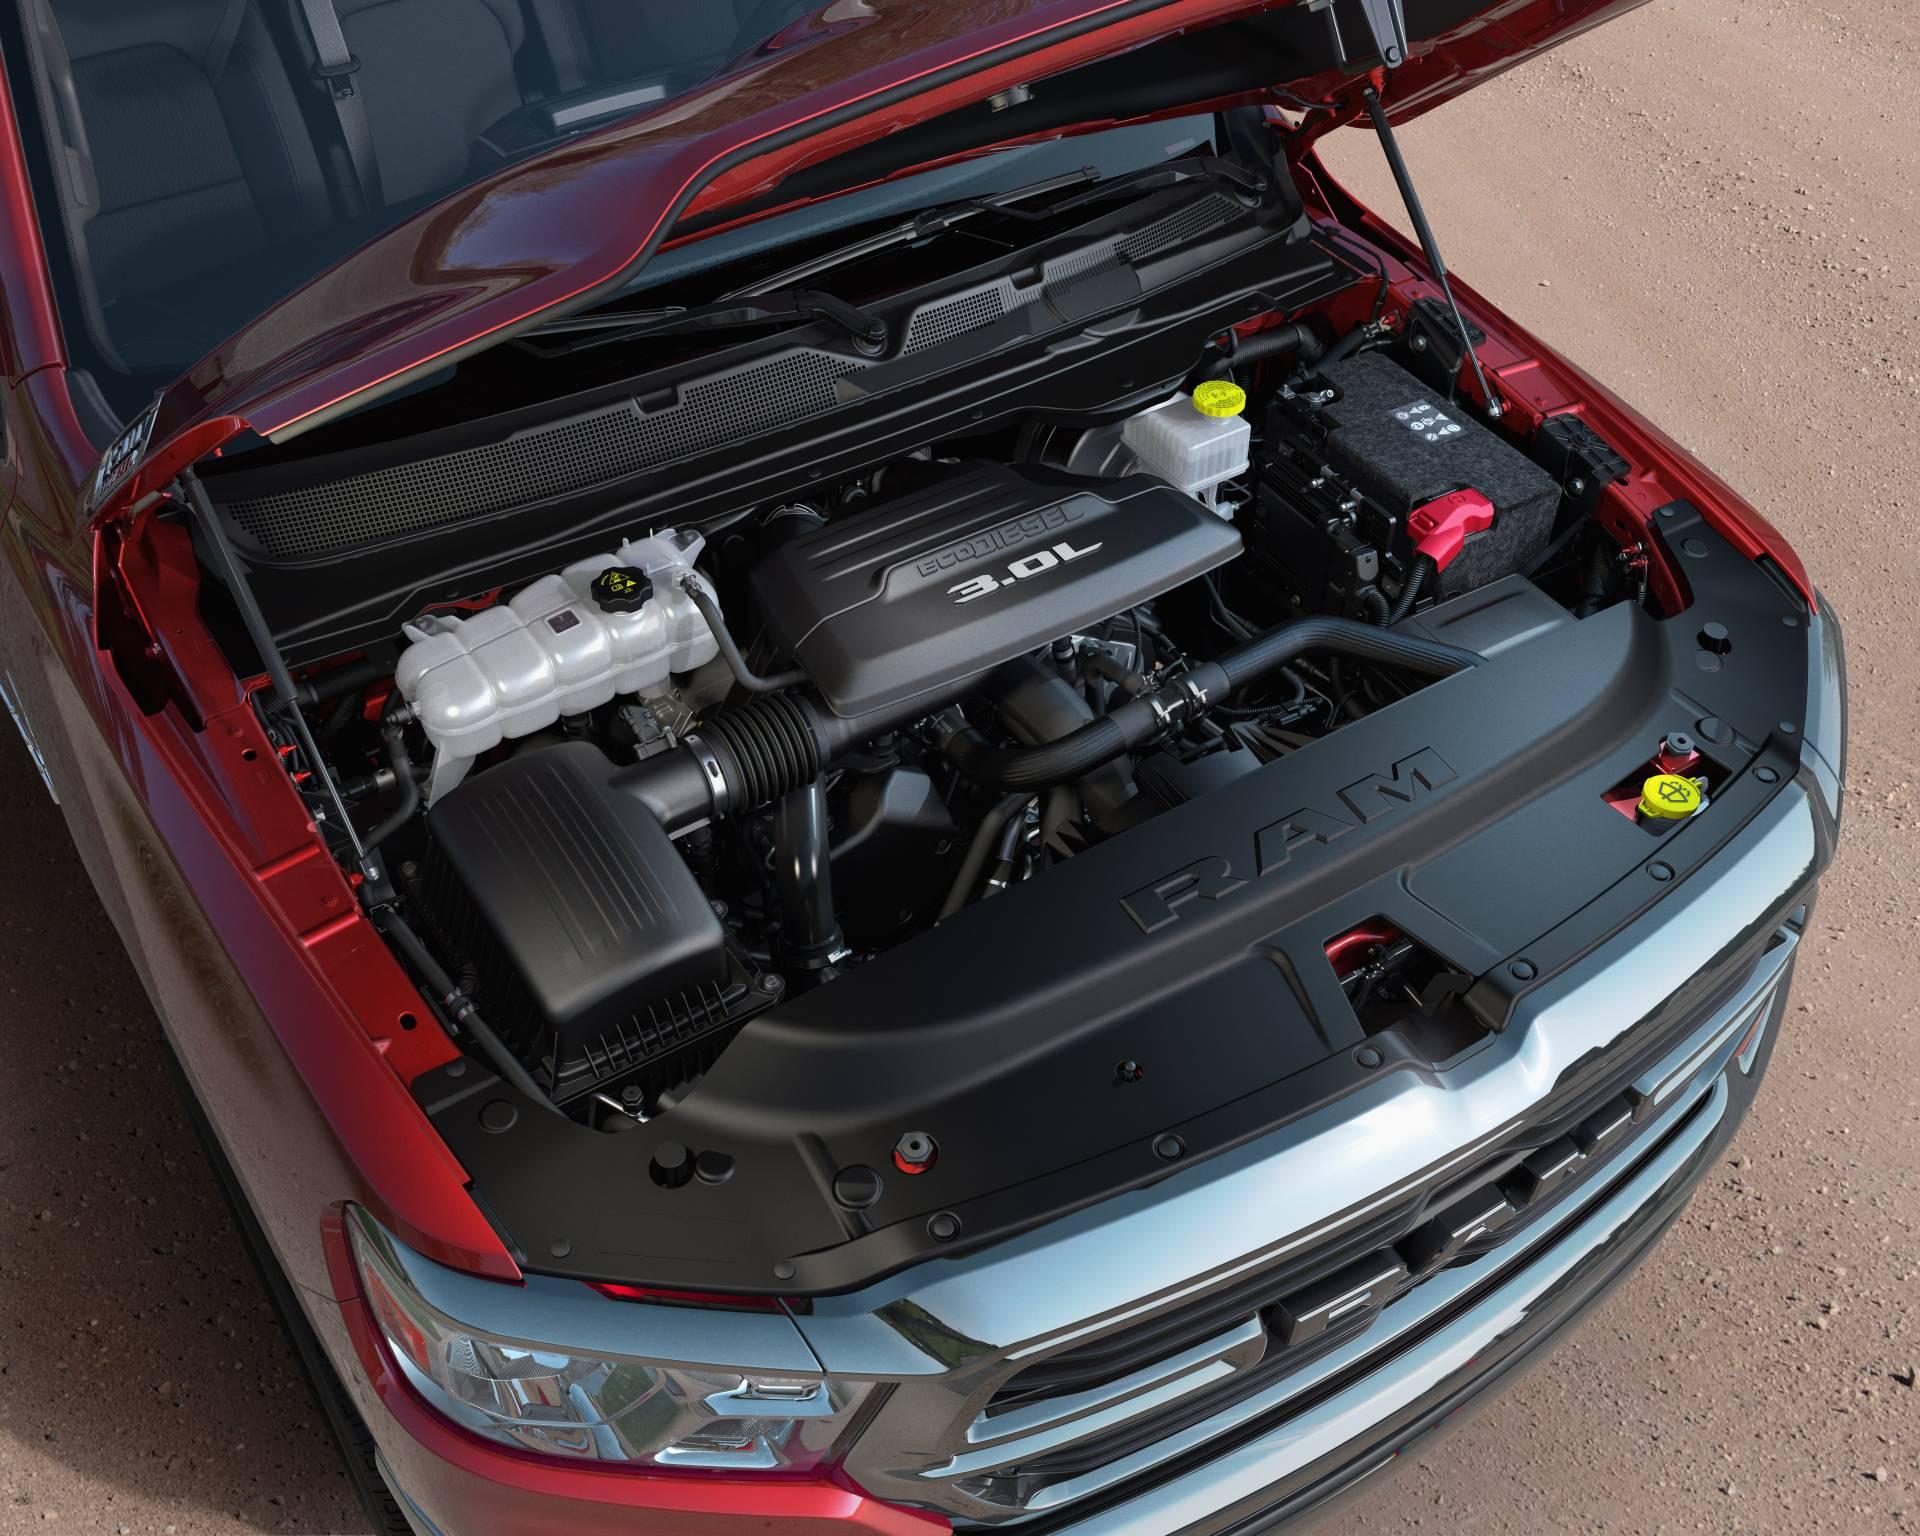 Se um motor a diesel moderno disparar, não tem muito o que fazer sem estragar o carro